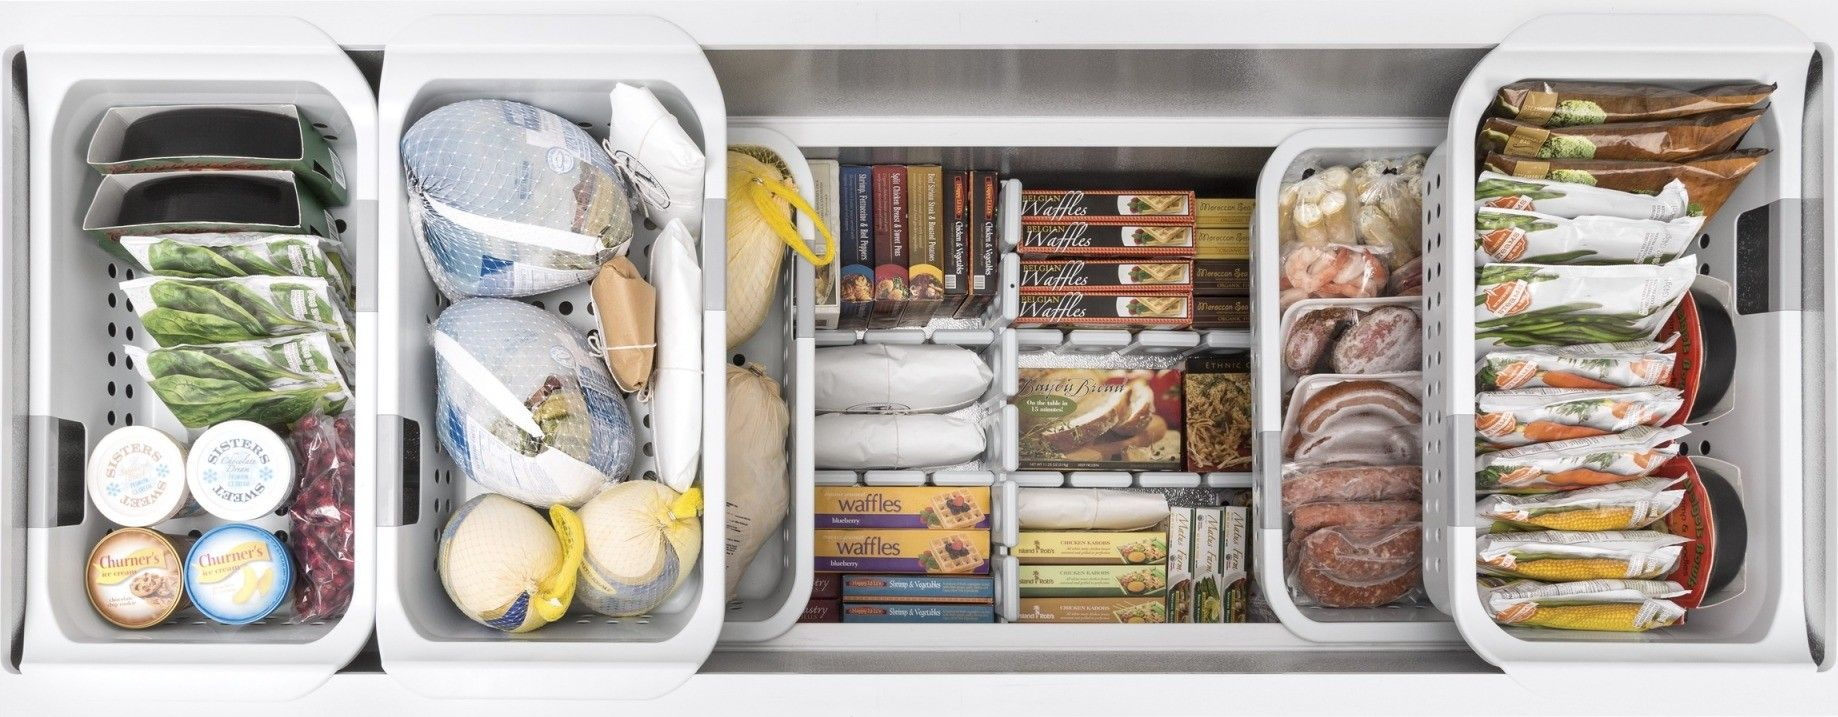 chest_freezer_storage